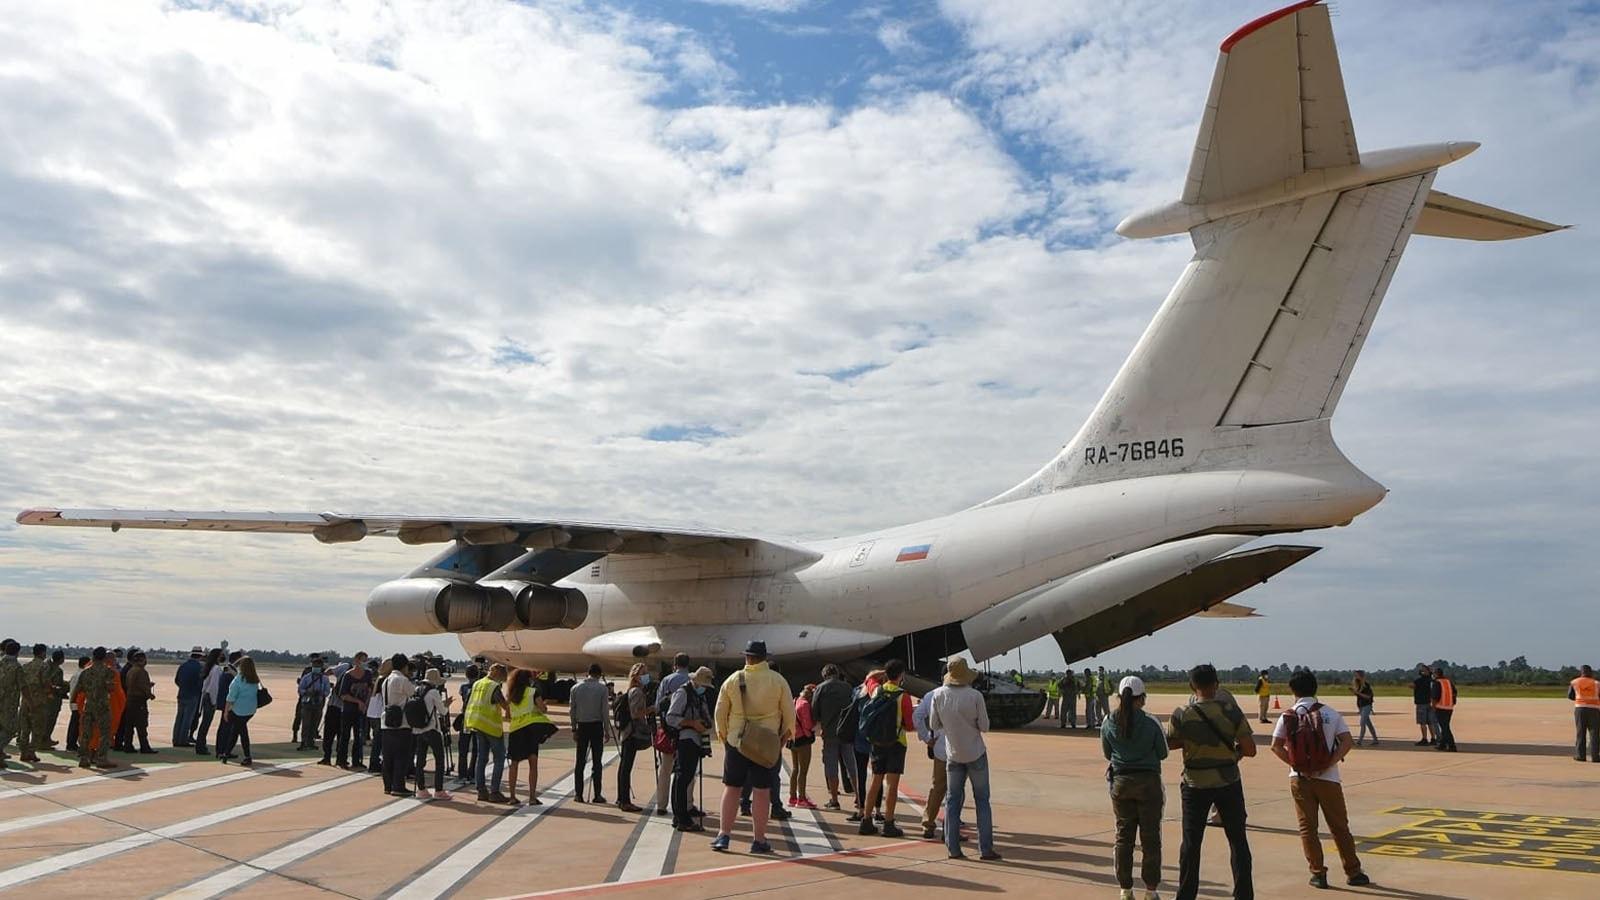 کاون کو خصوصی طیارے میں ڈال کر روانہ کیا گیا—فوٹو: اے ایف پی